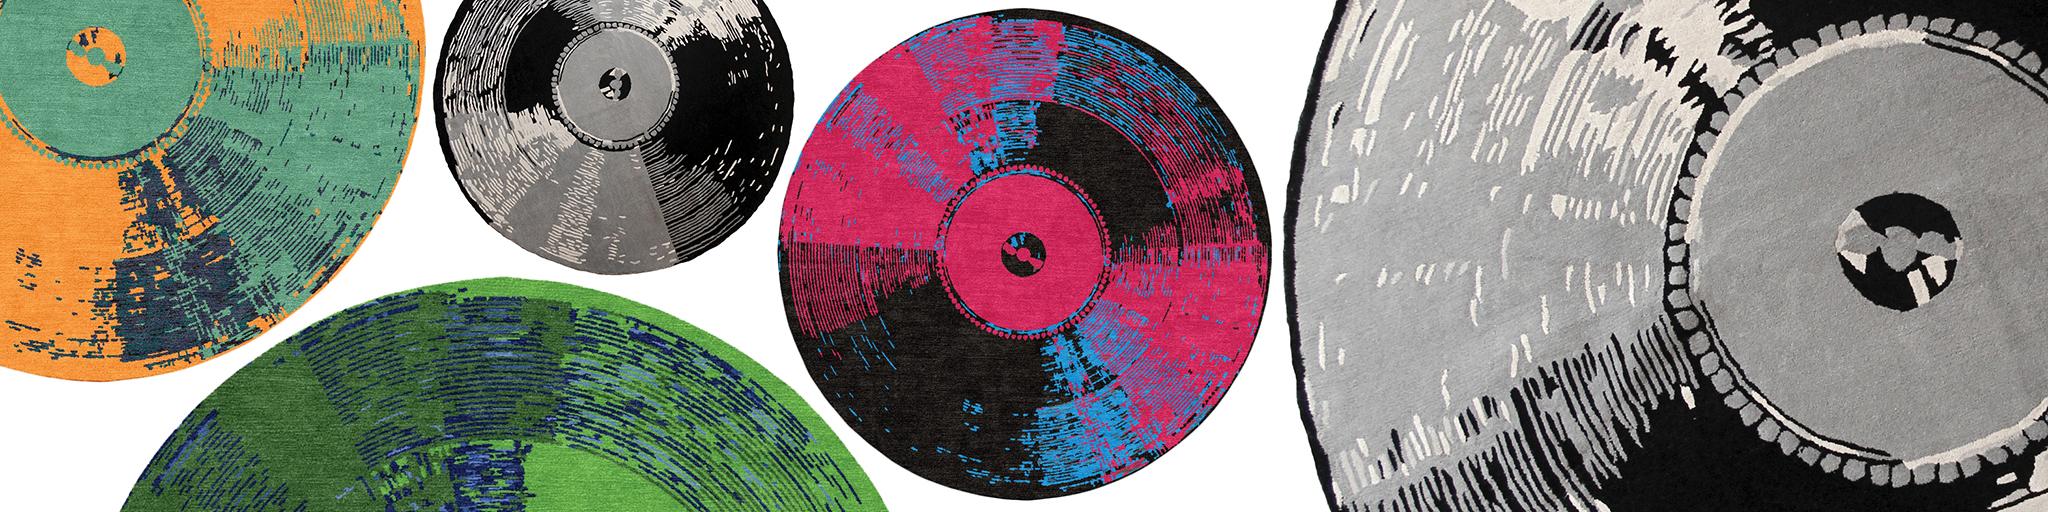 Warholian Kush | Vinyl